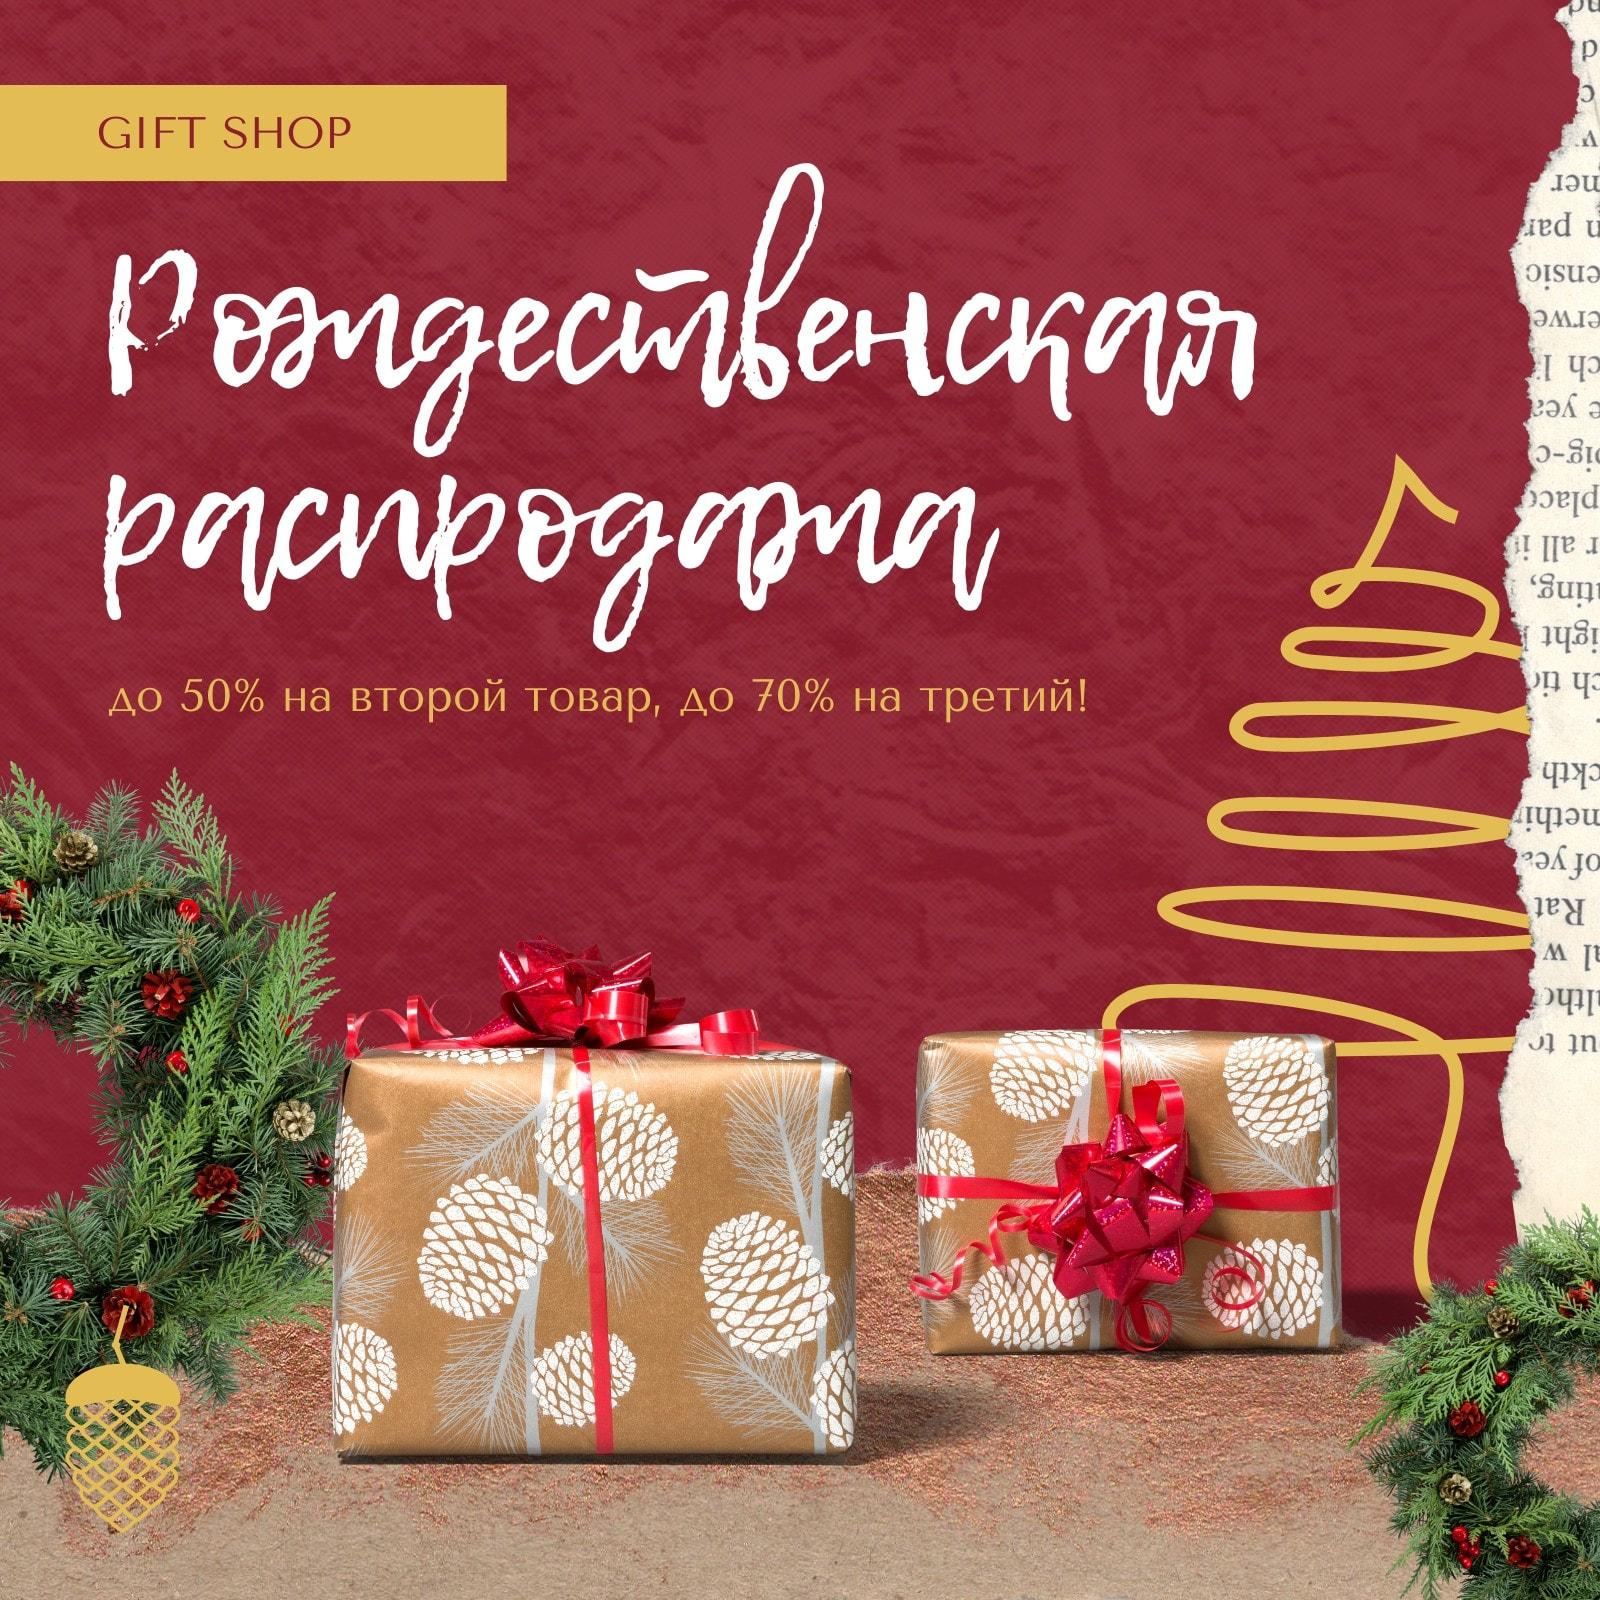 Бордовая публикация в Instagram с рождественскими подарками